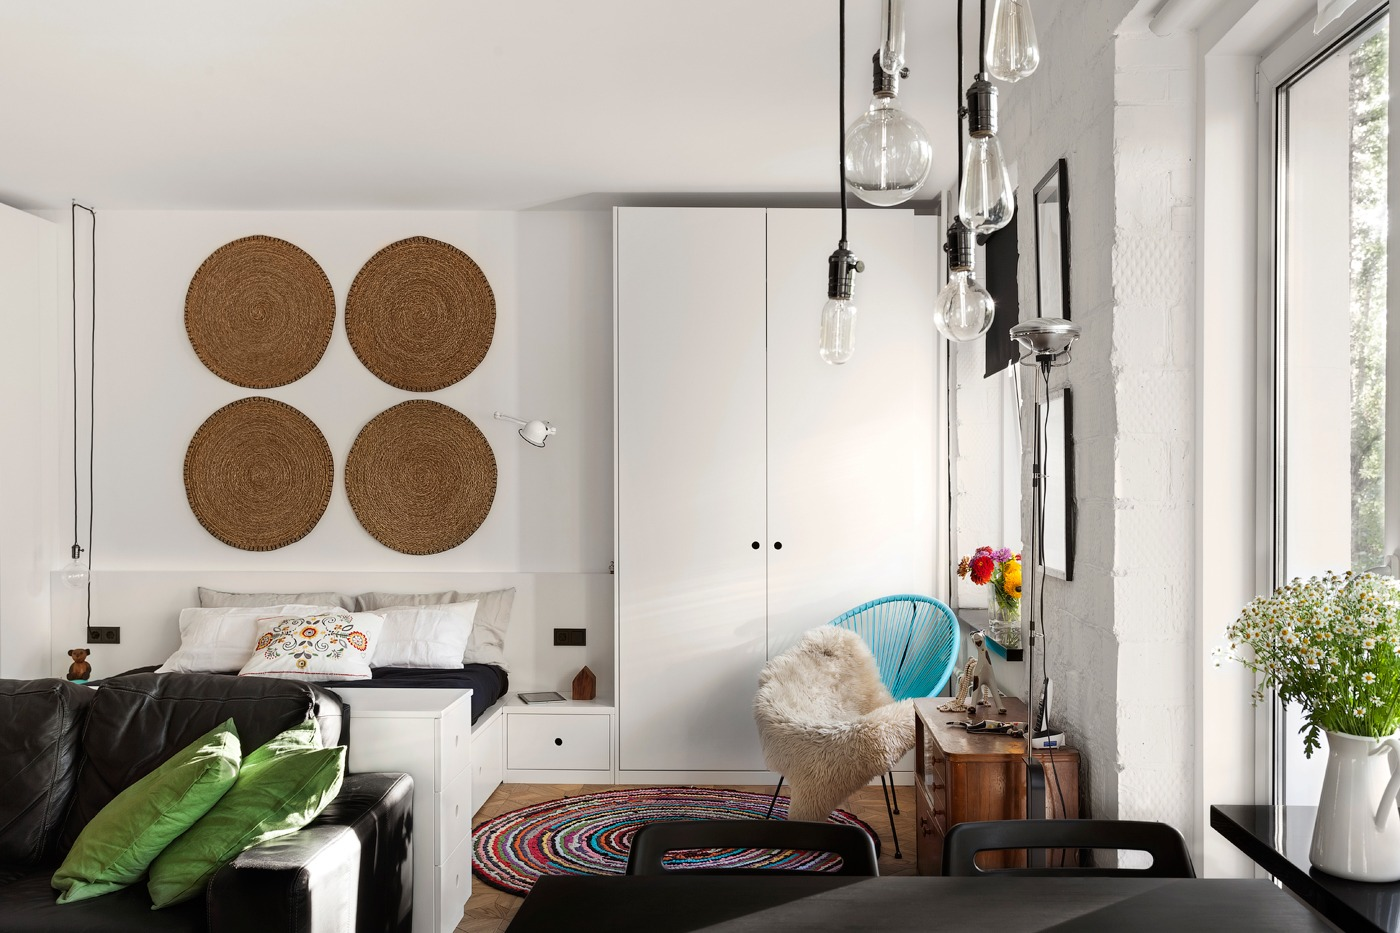 Оформление маленькой квартиры студии в чёрно-белом цвете - фото 3